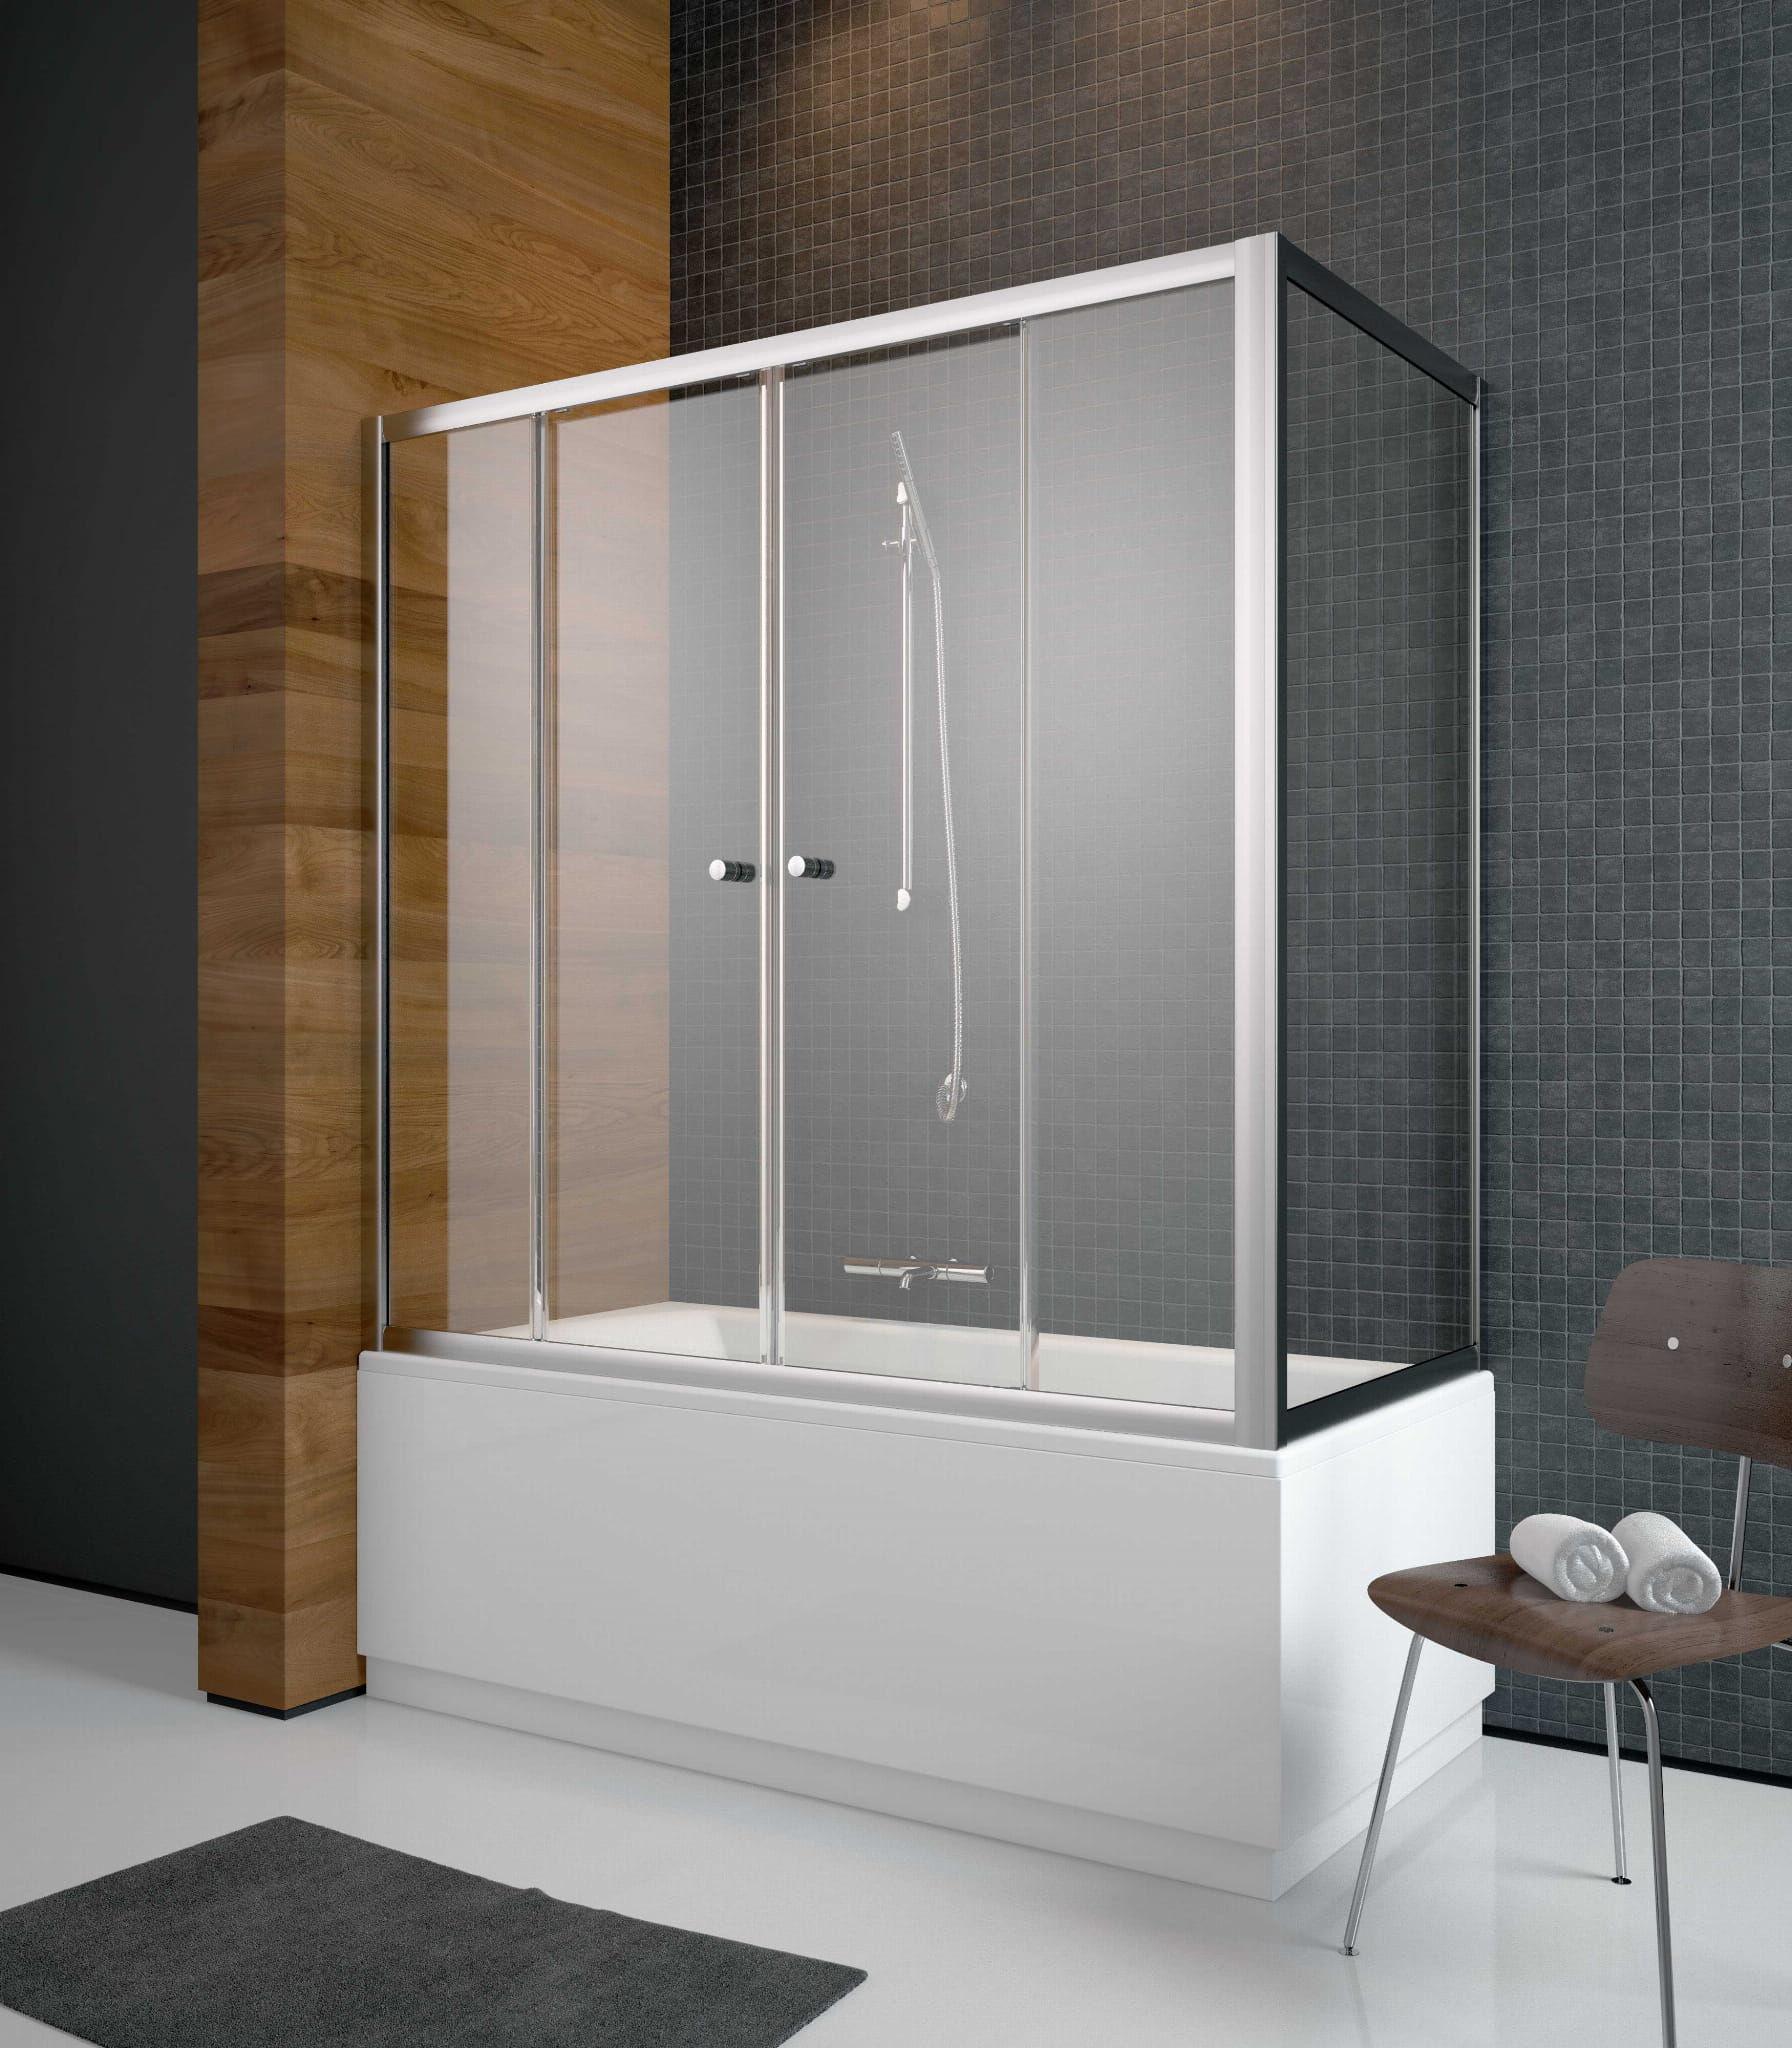 Radaway zabudowa nawannowa Vesta DWD+S 160 x 75, szkło przejrzyste, wys. 150 cm 203160-01/204075-01